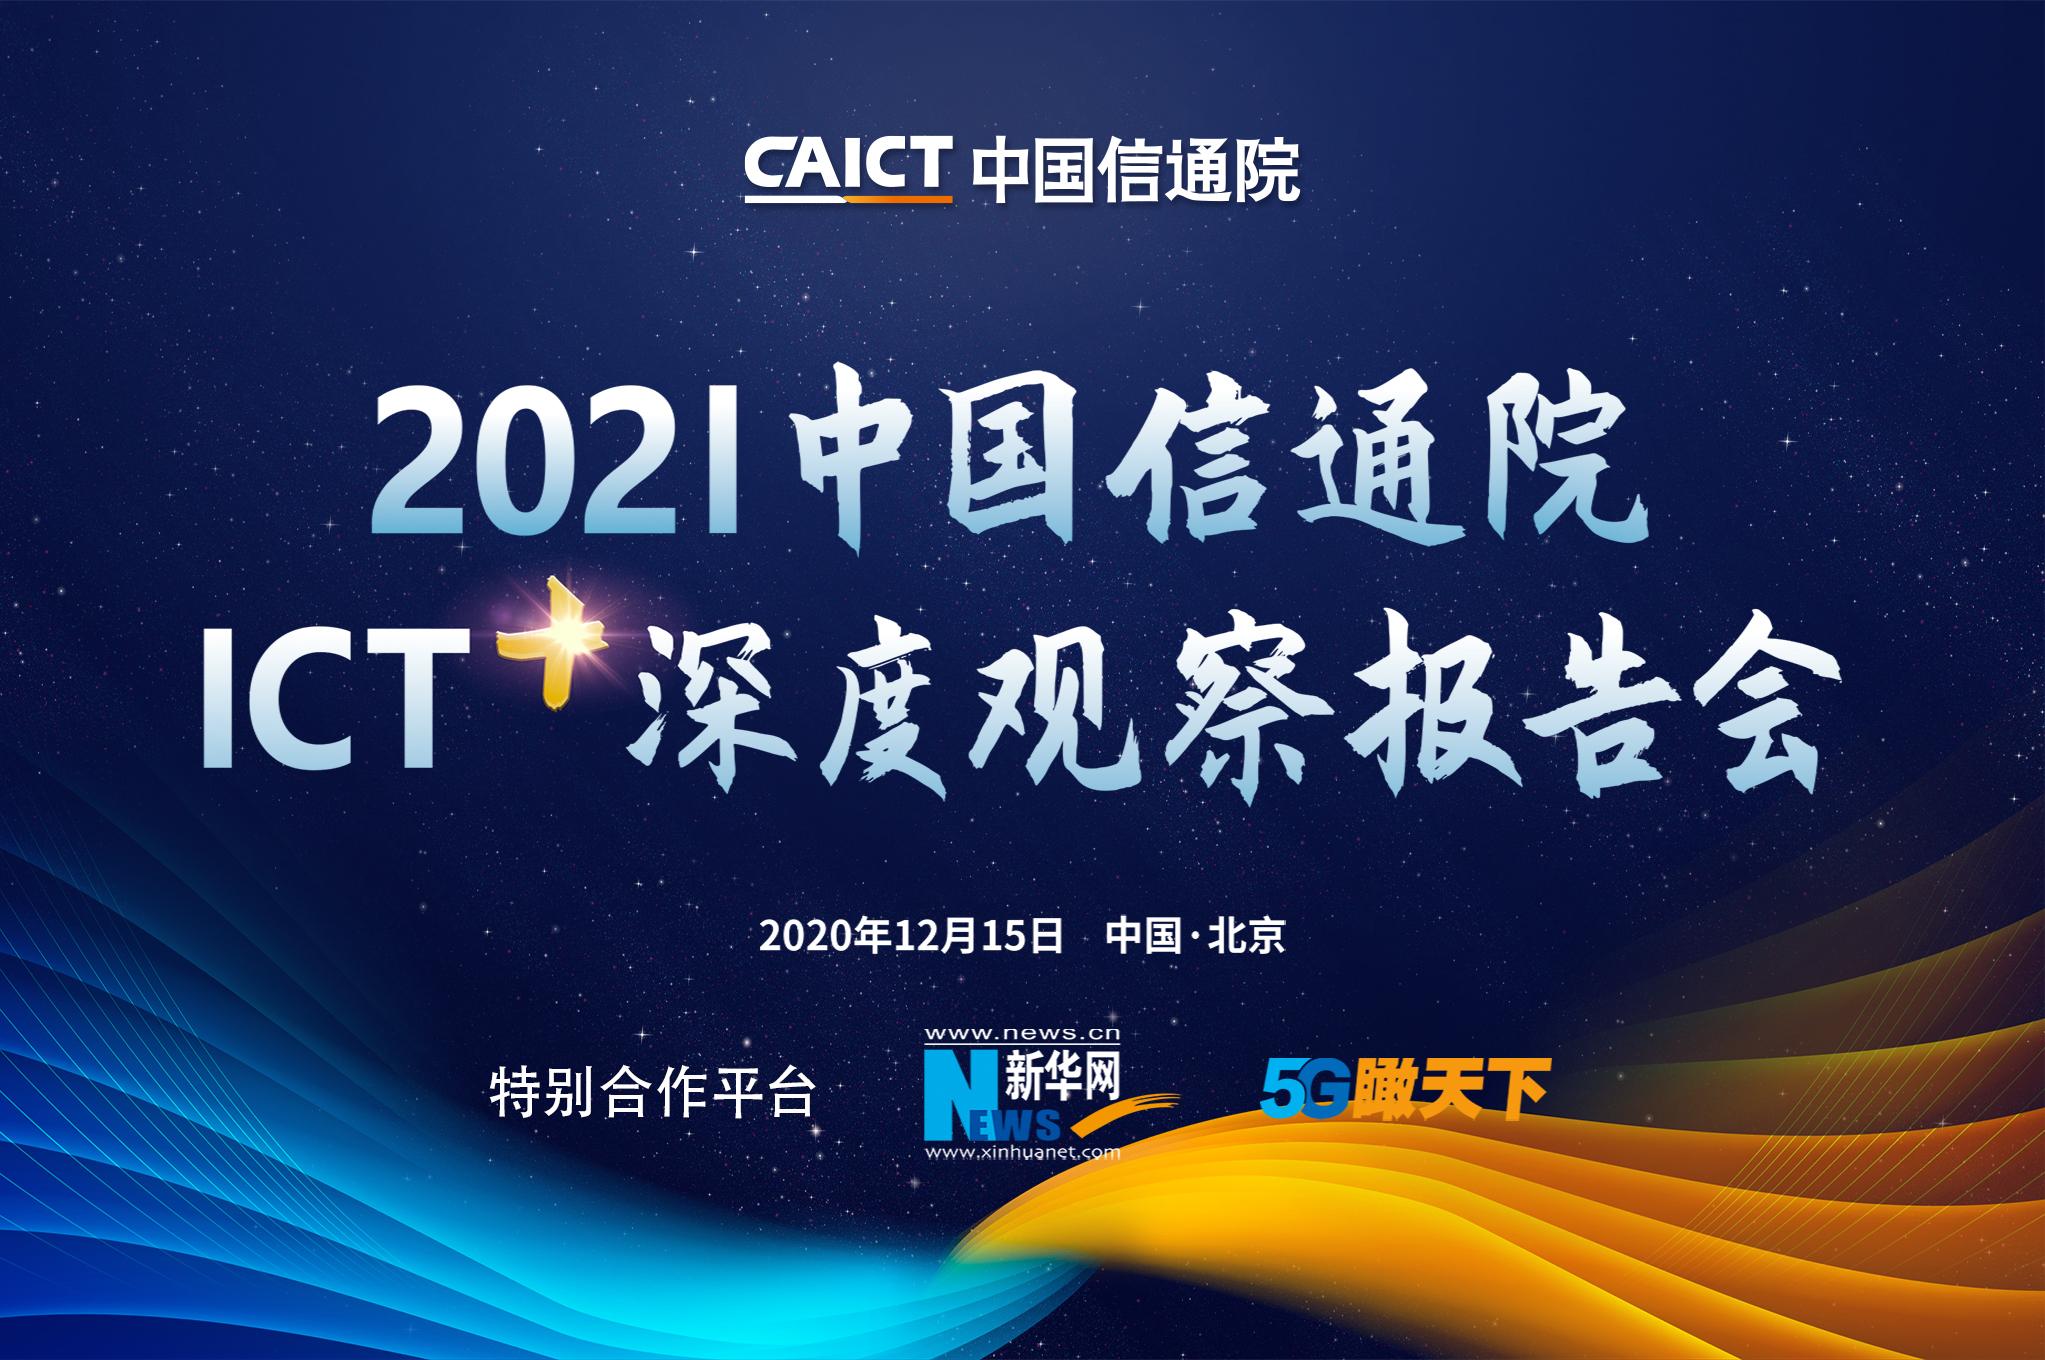 2021 中國信通院ICT+深度觀察報告會